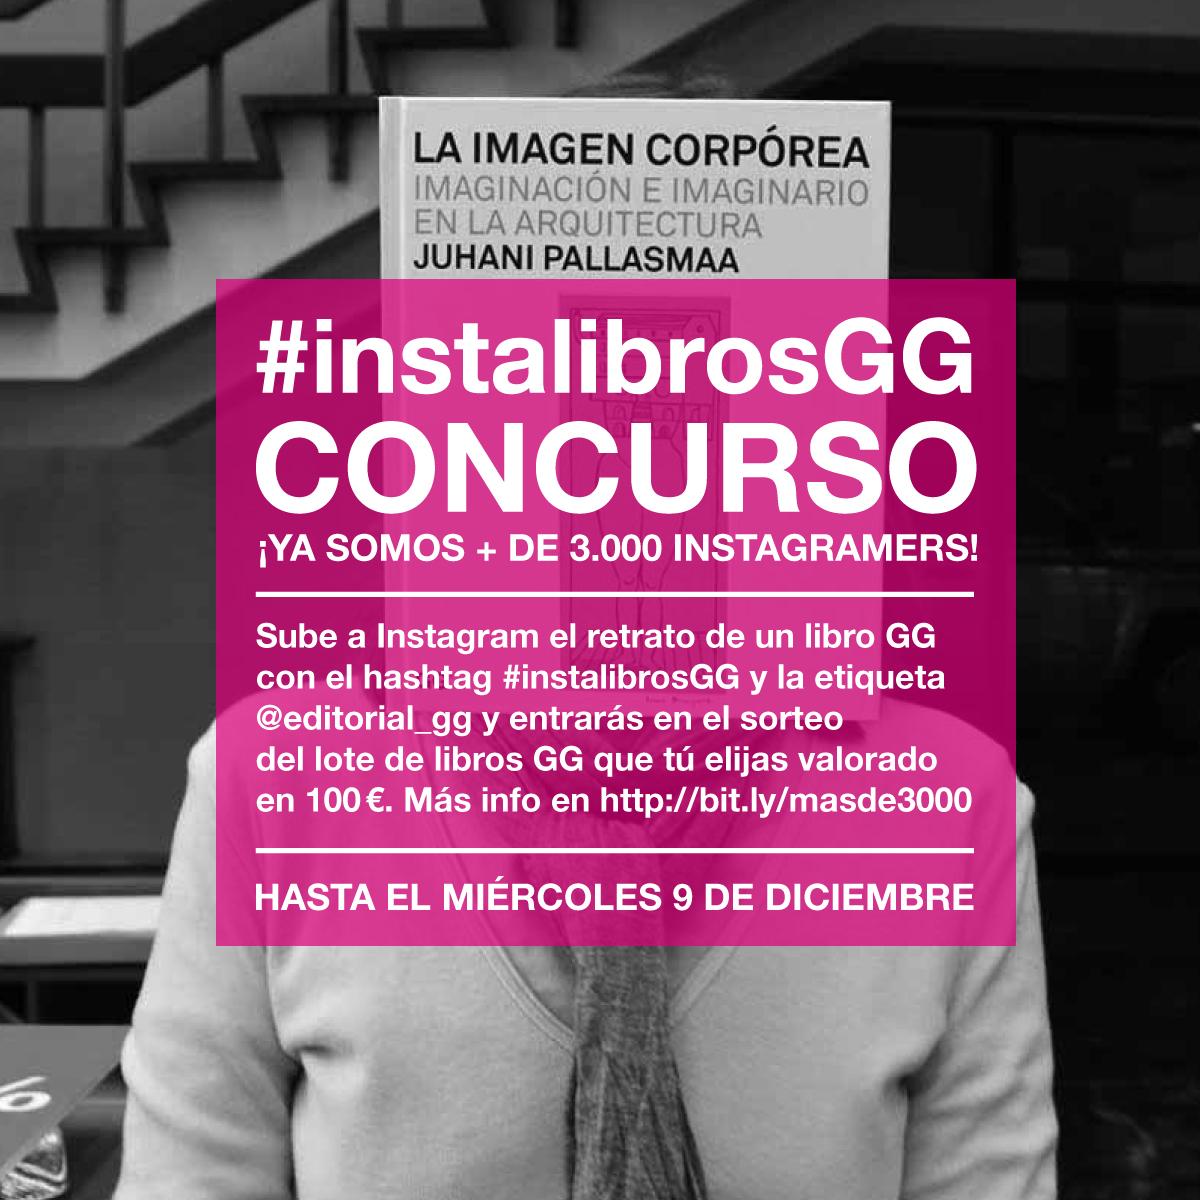 [RESULTADO] Concurso #instalibrosGG: ¡Ya somos más de 3000 instagramers!